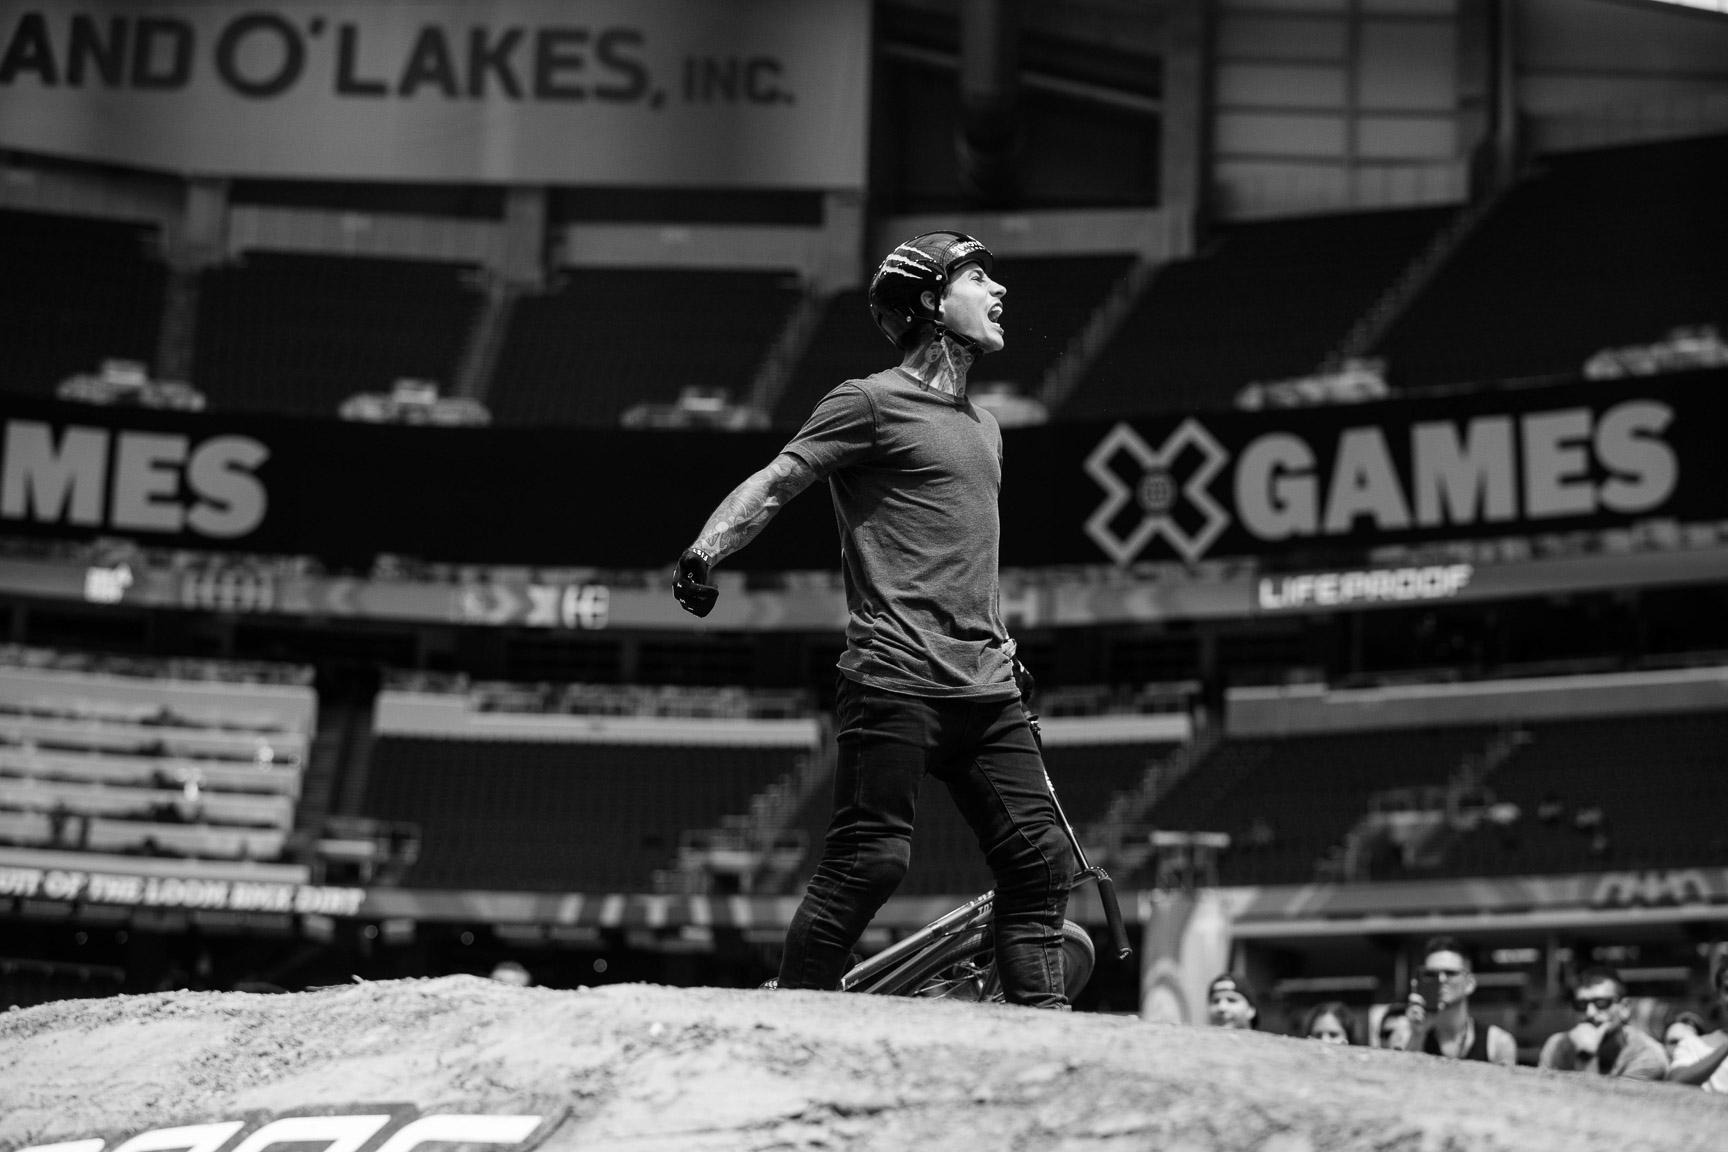 Kyle Baldock, Dave Mirra BMX Park Best Trick